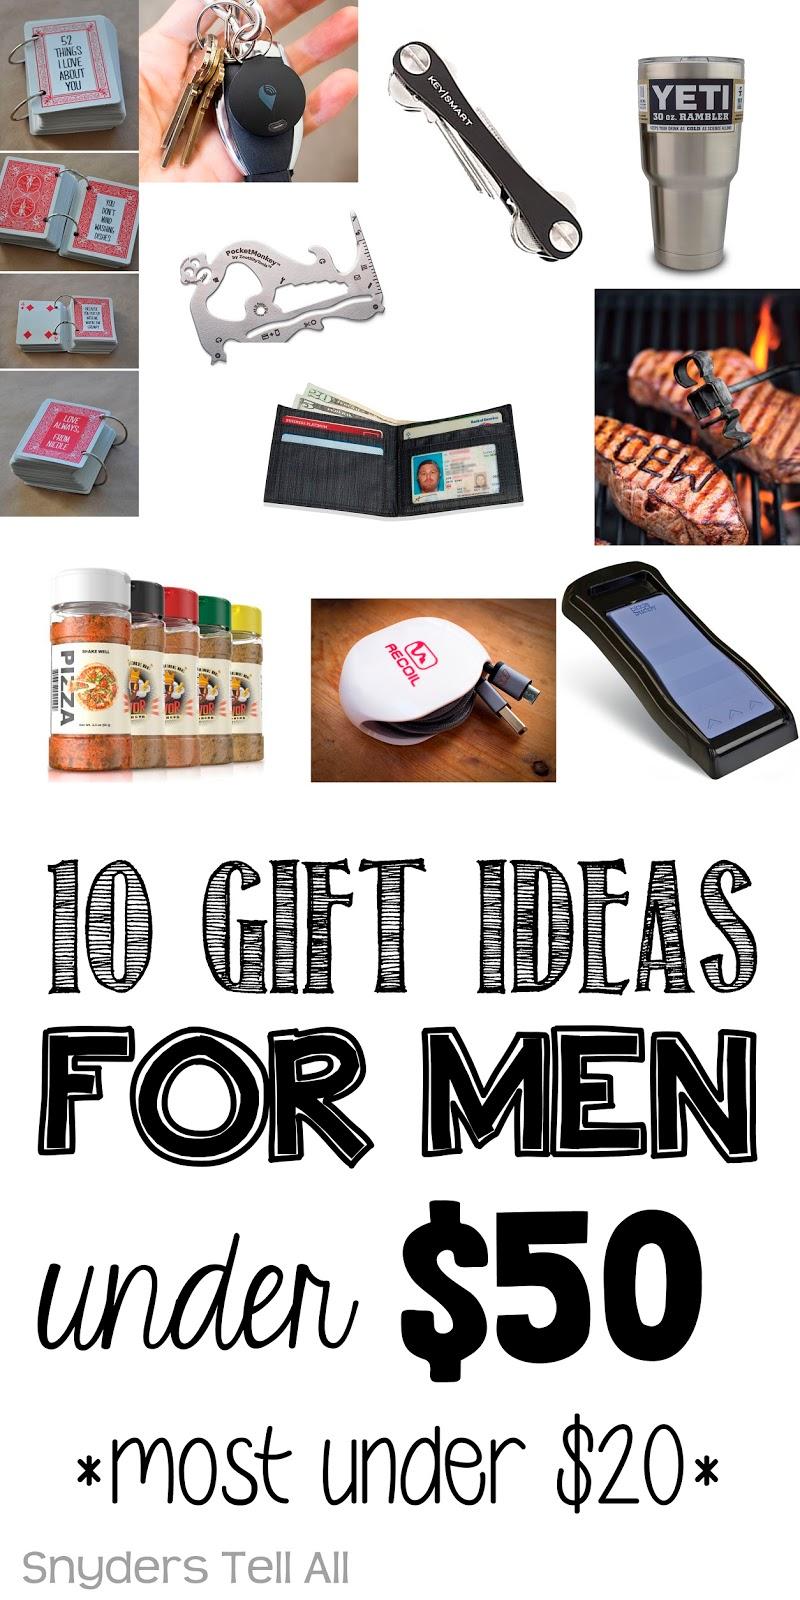 10 Gift Ideas for MEN under $50 - Joyfully Prudent